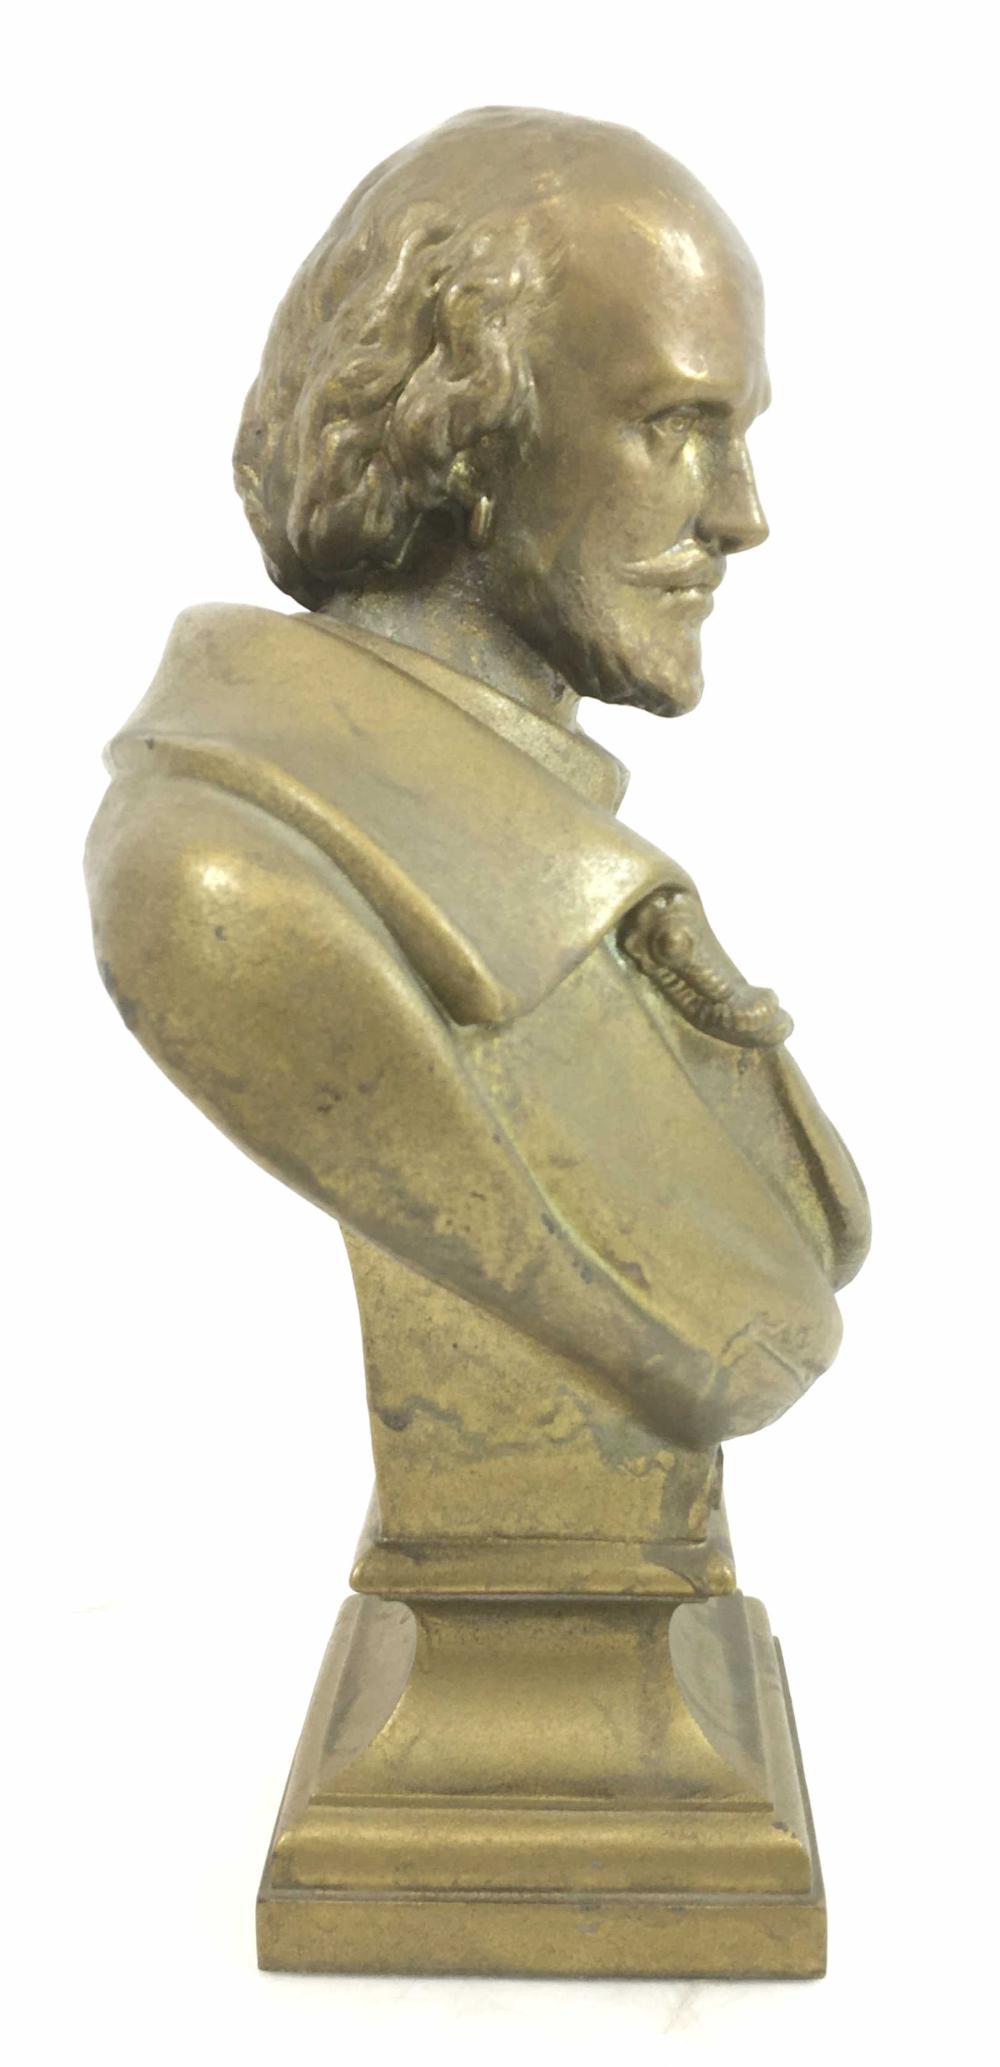 13in Spelter Shakespeare Bust